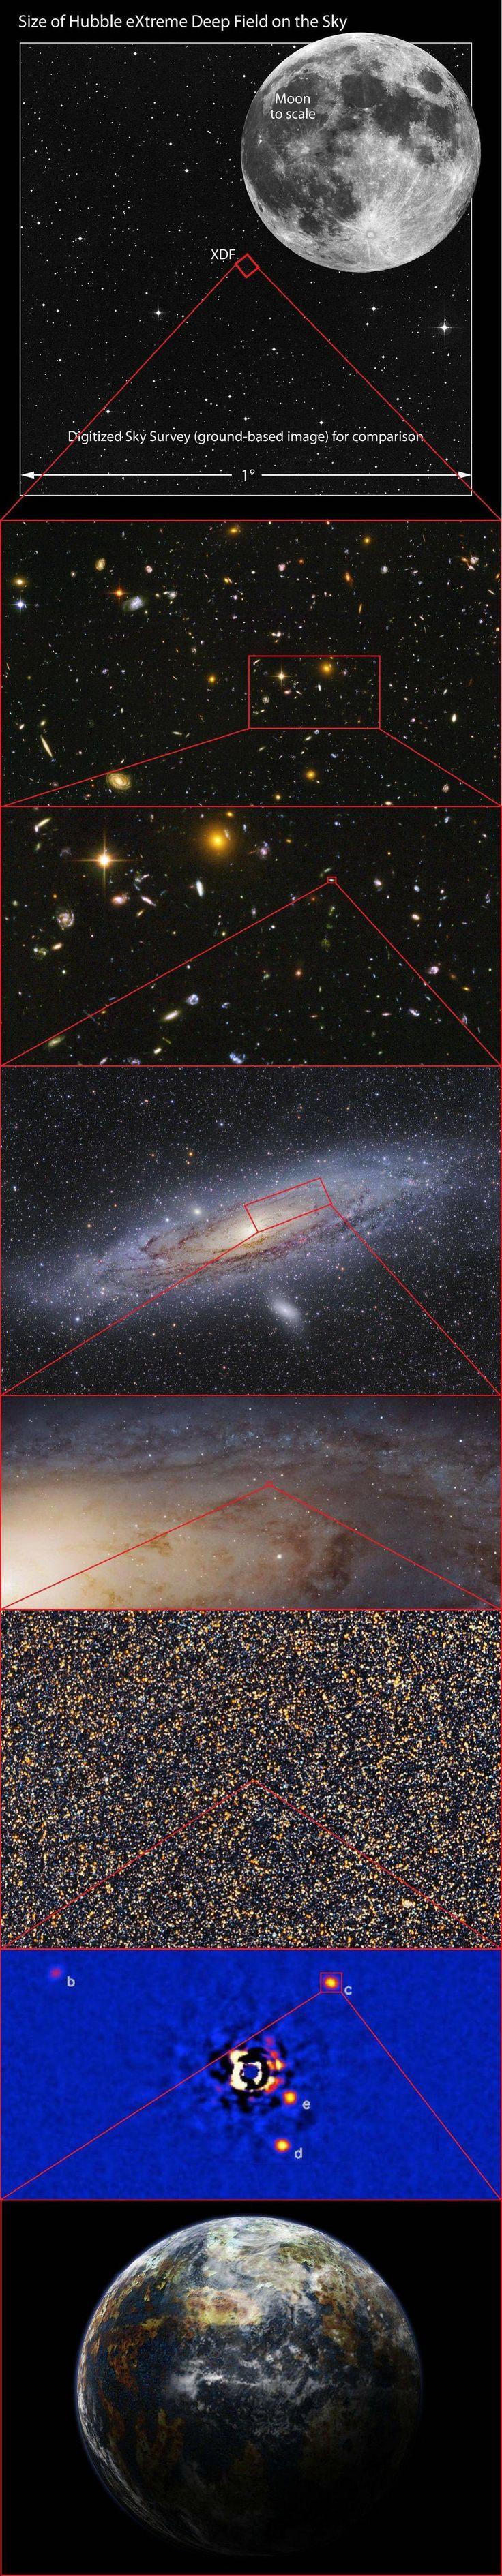 d417e2faaad917bb1314ad1f738c11c5--hubble-extreme-deep-field-fields Verwunderlich Das Weltall ist Unendlich Dekorationen